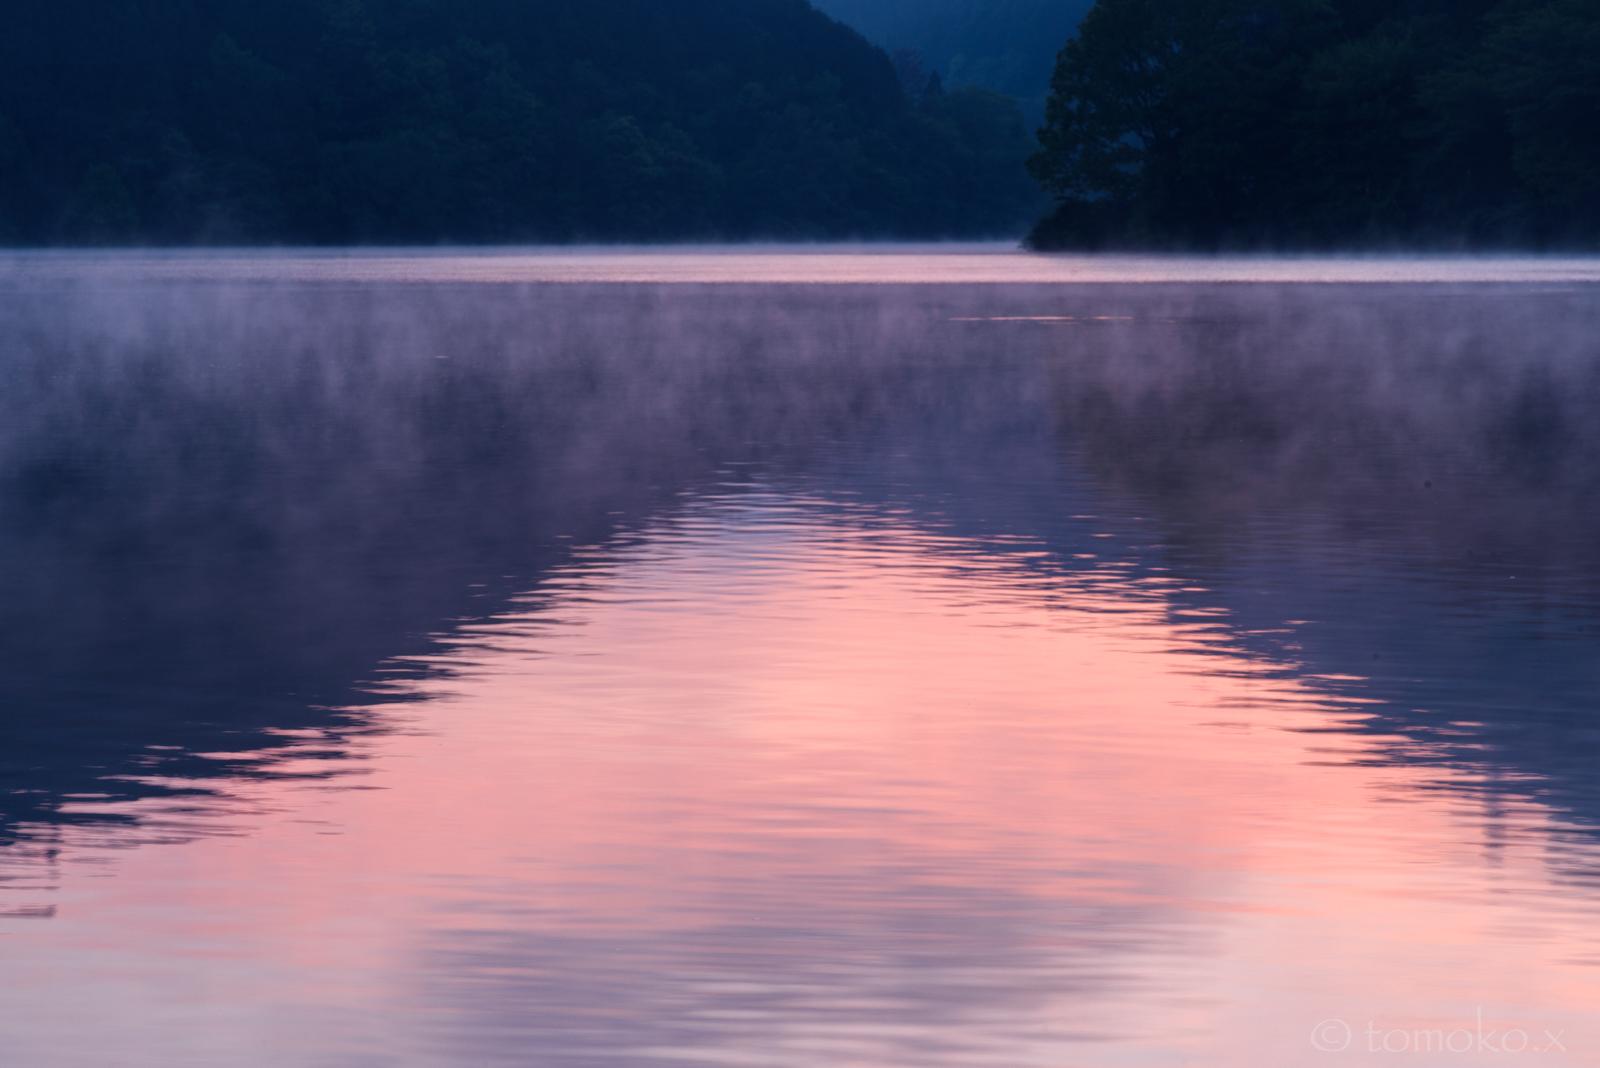 朝焼けと湖面霧が沸く室生湖